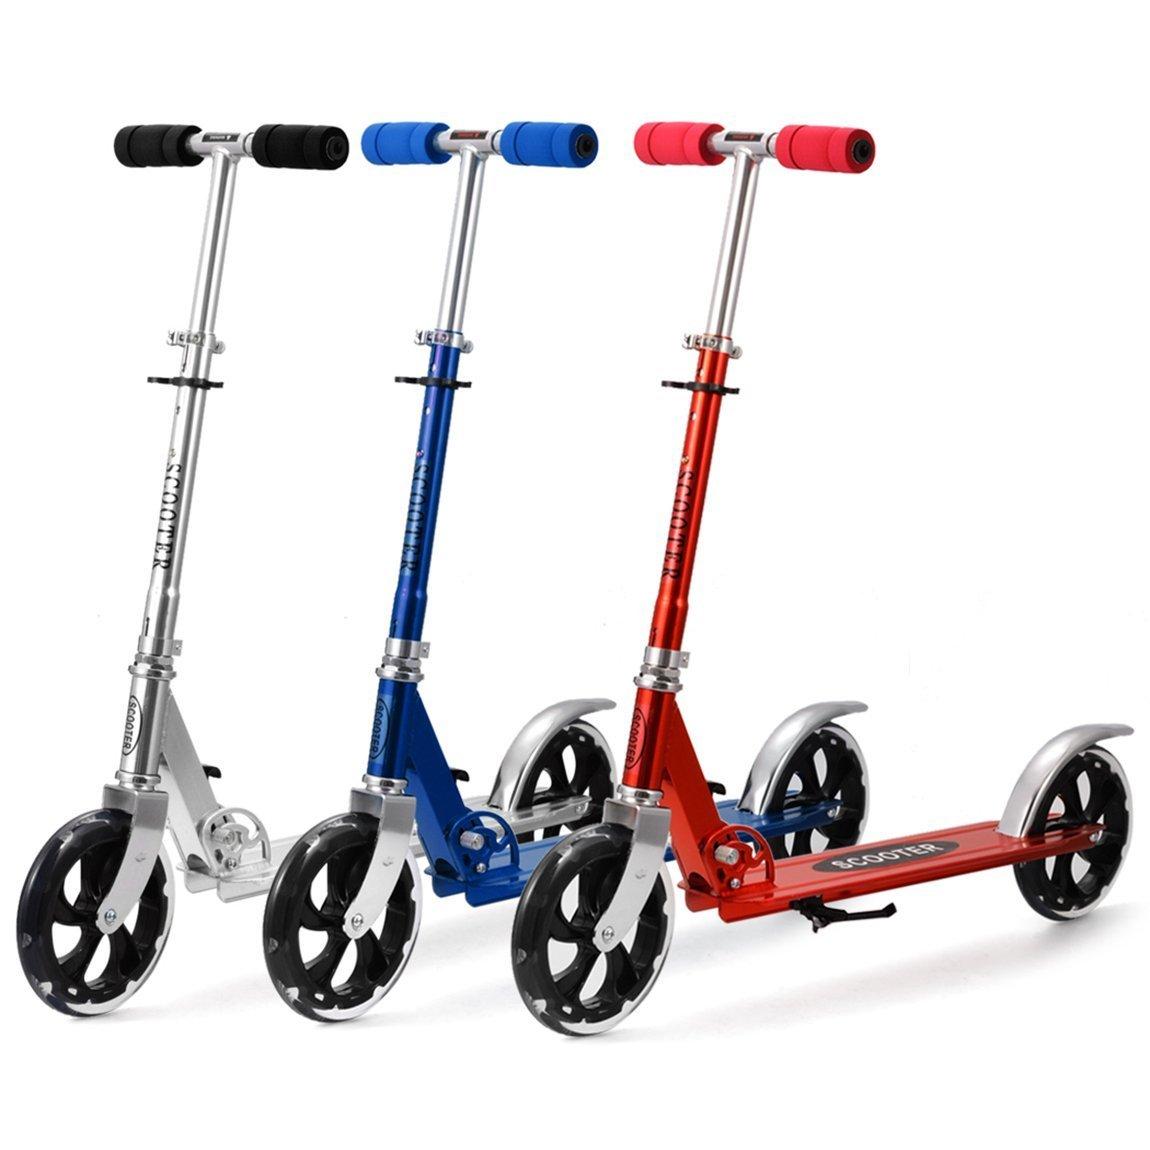 Amazon.com: Kick Scooter de aleación de Nueva Generación ...